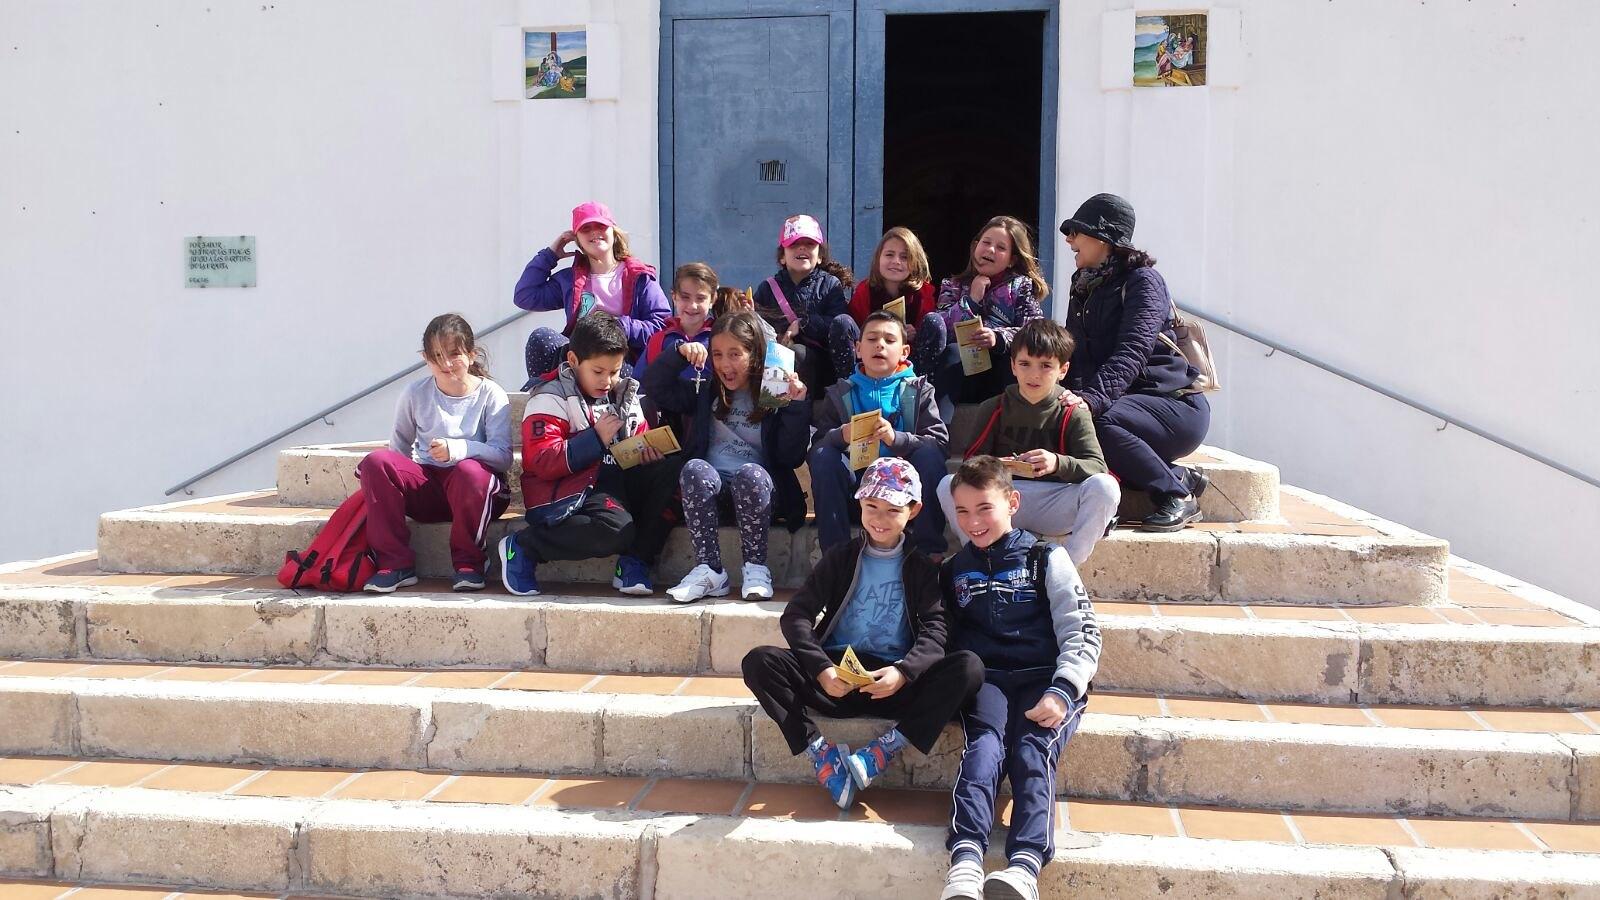 (2018-03-16) - Visita ermita alumnos Laura,3ºB, profesora religión Reina Sofia - Marzo -  María Isabel Berenguer Brotons (05)